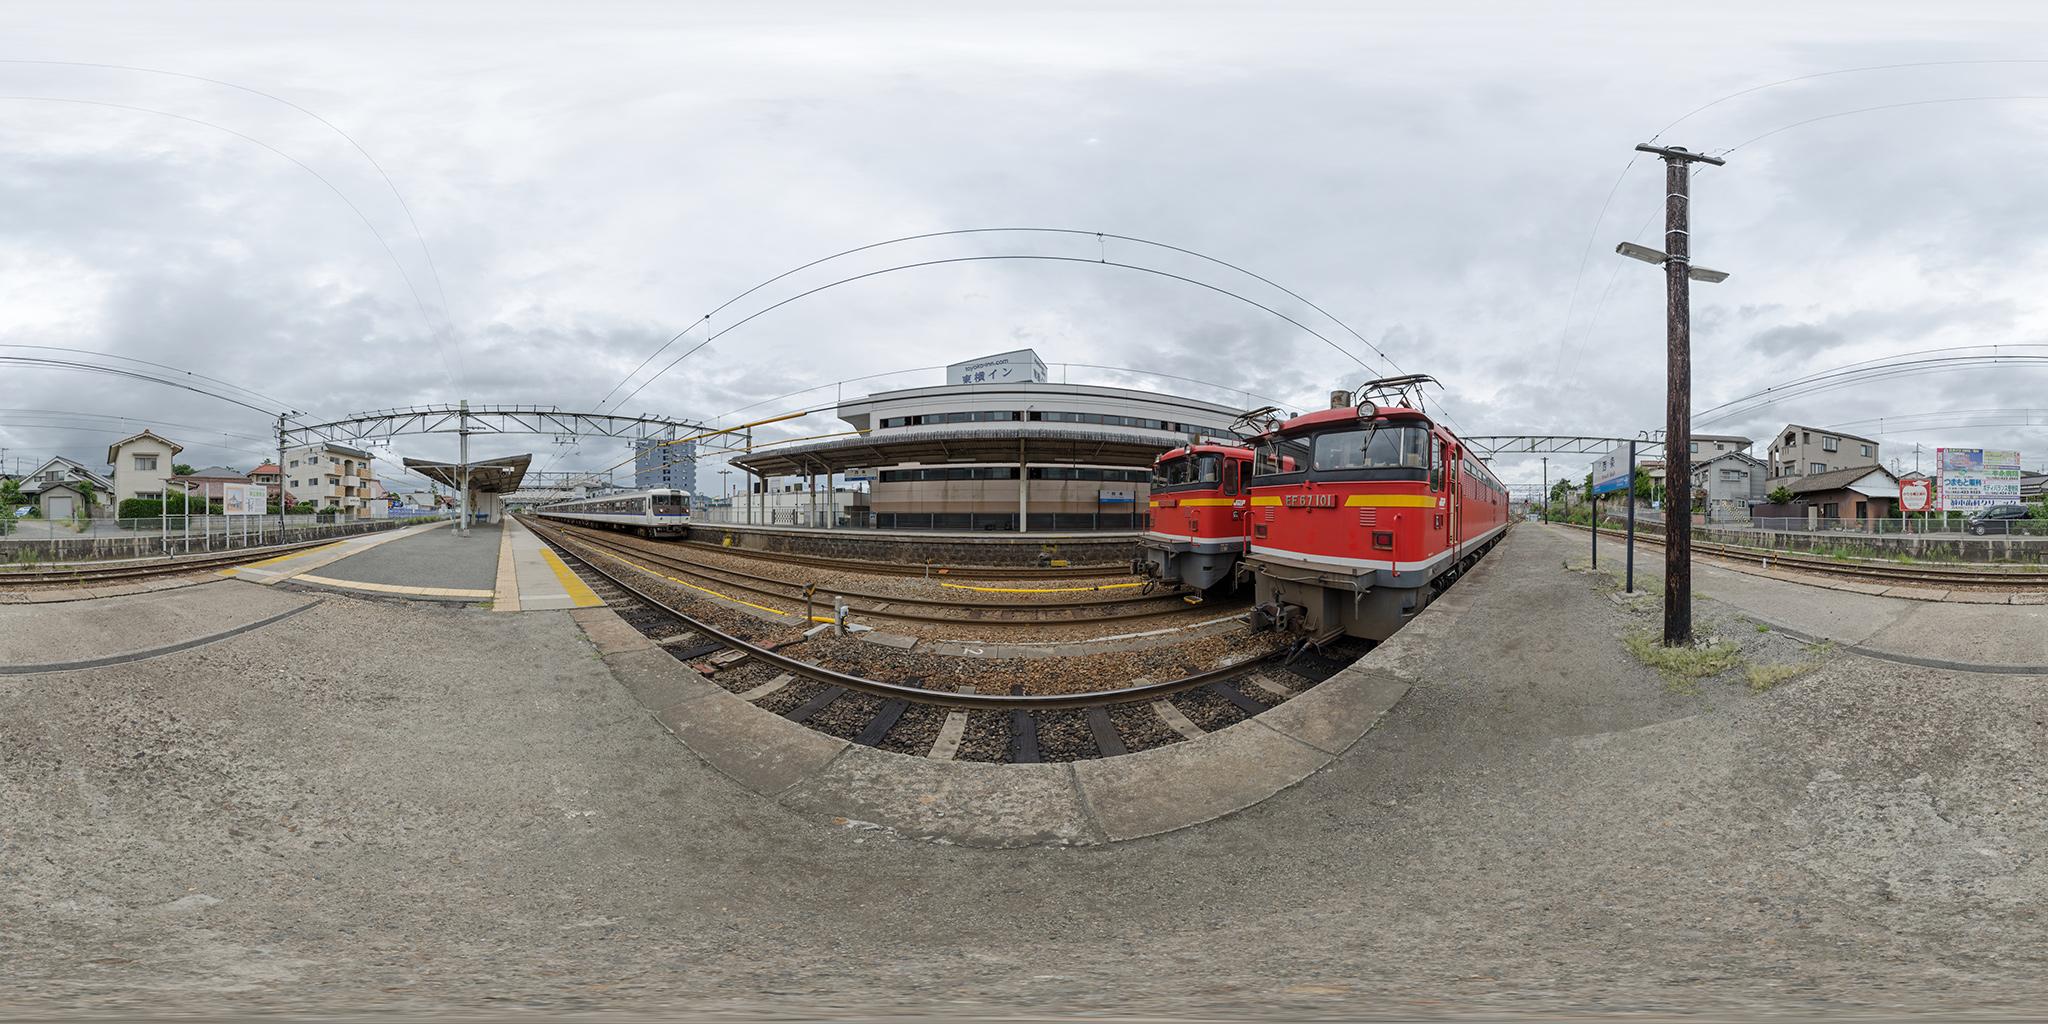 西条駅にてEF67-101/102と115系C-13編成(クハ115-608)